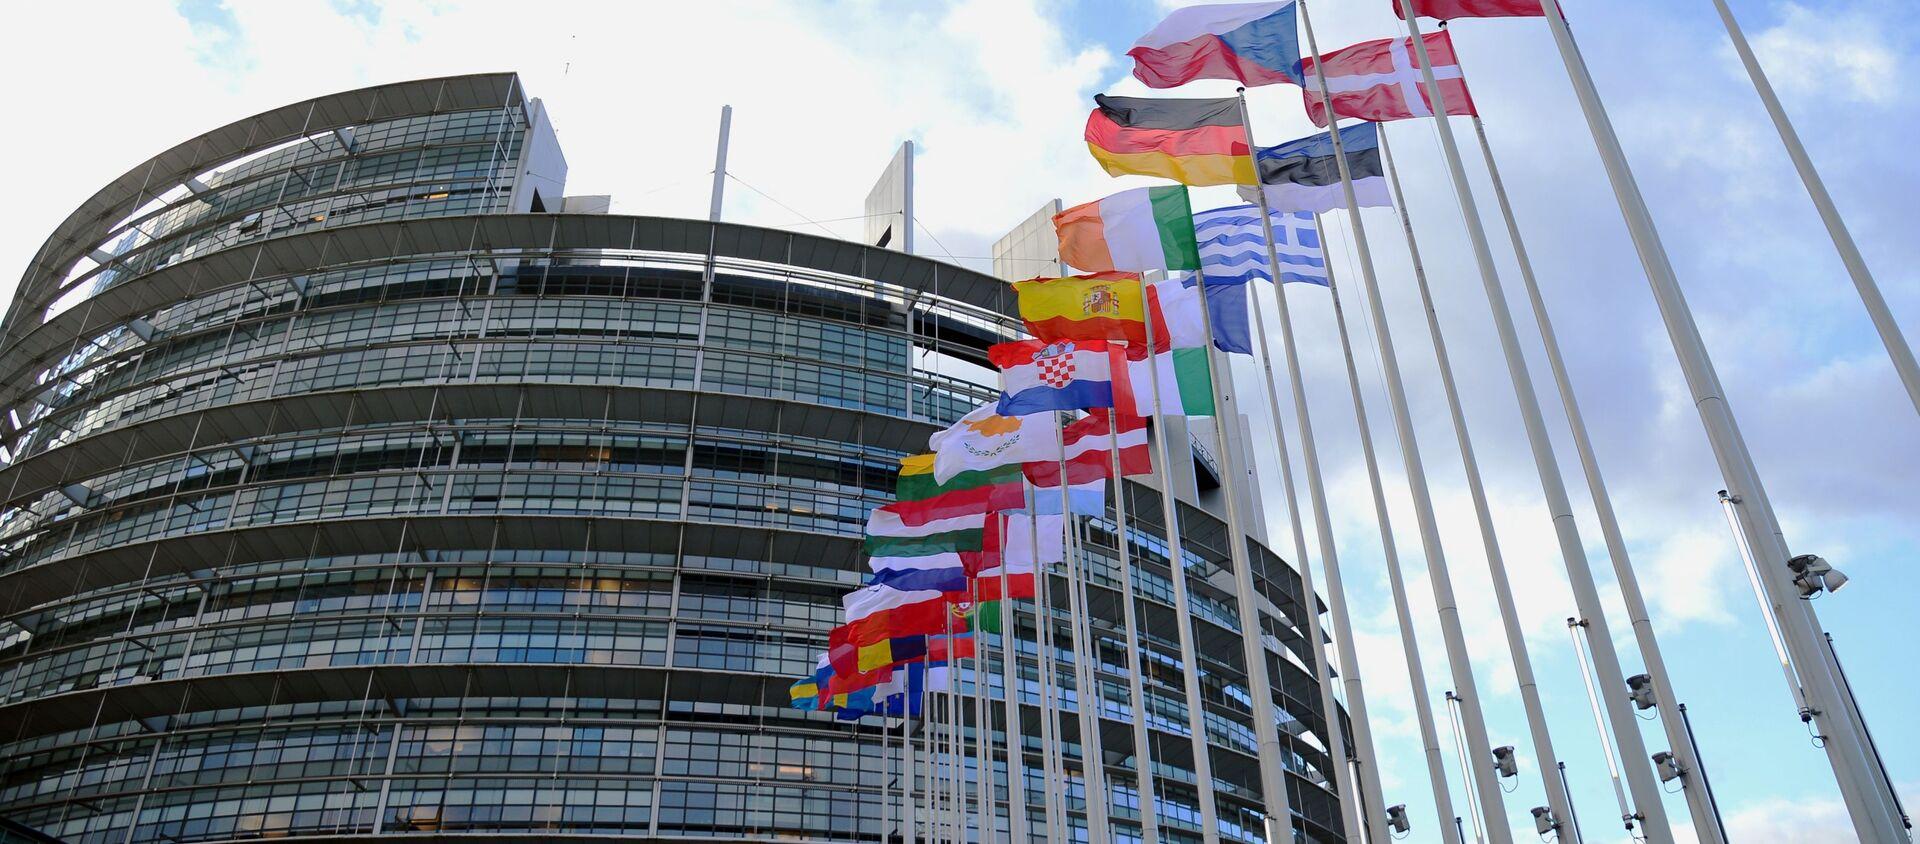 Flagi krajów UE przed budynkiem Parlamentu Europejskiego w Strasburgu. - Sputnik Polska, 1920, 29.04.2021